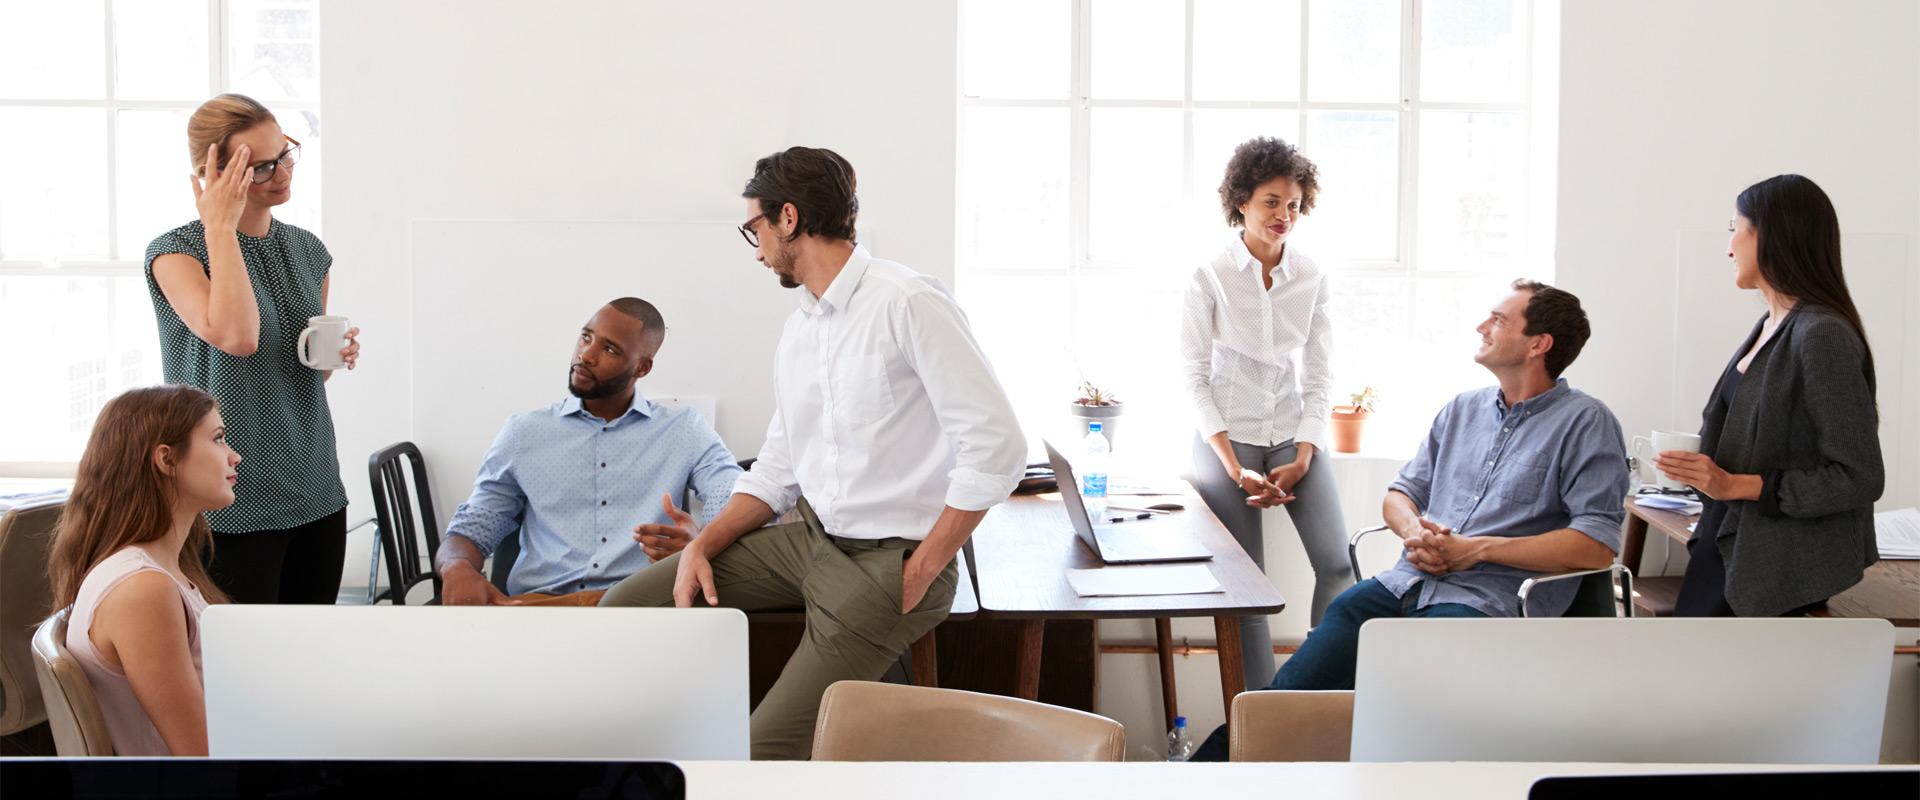 équipe discutant dans un open space de co working